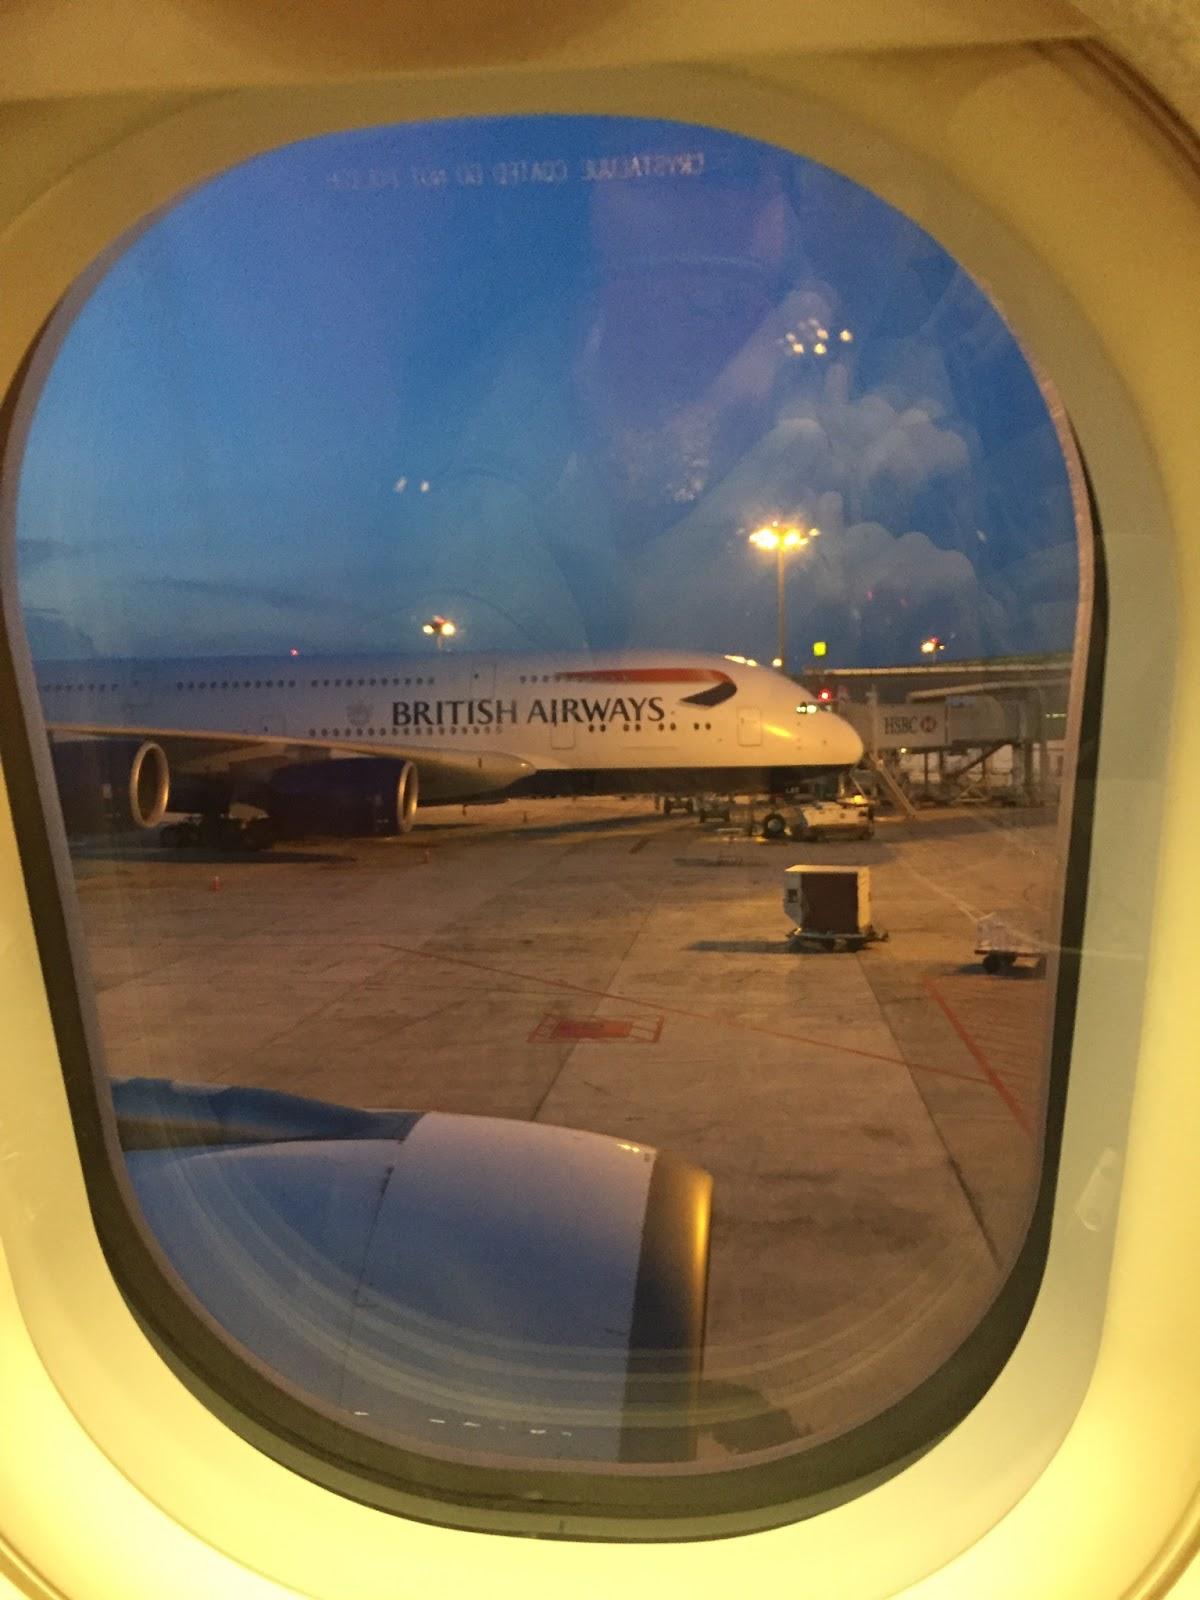 15レグ QF036(JL7891) シンガポール-オーストラリア・メルボルン | 搭乗記録 | マイル修行:JAL・JGCの旅2016